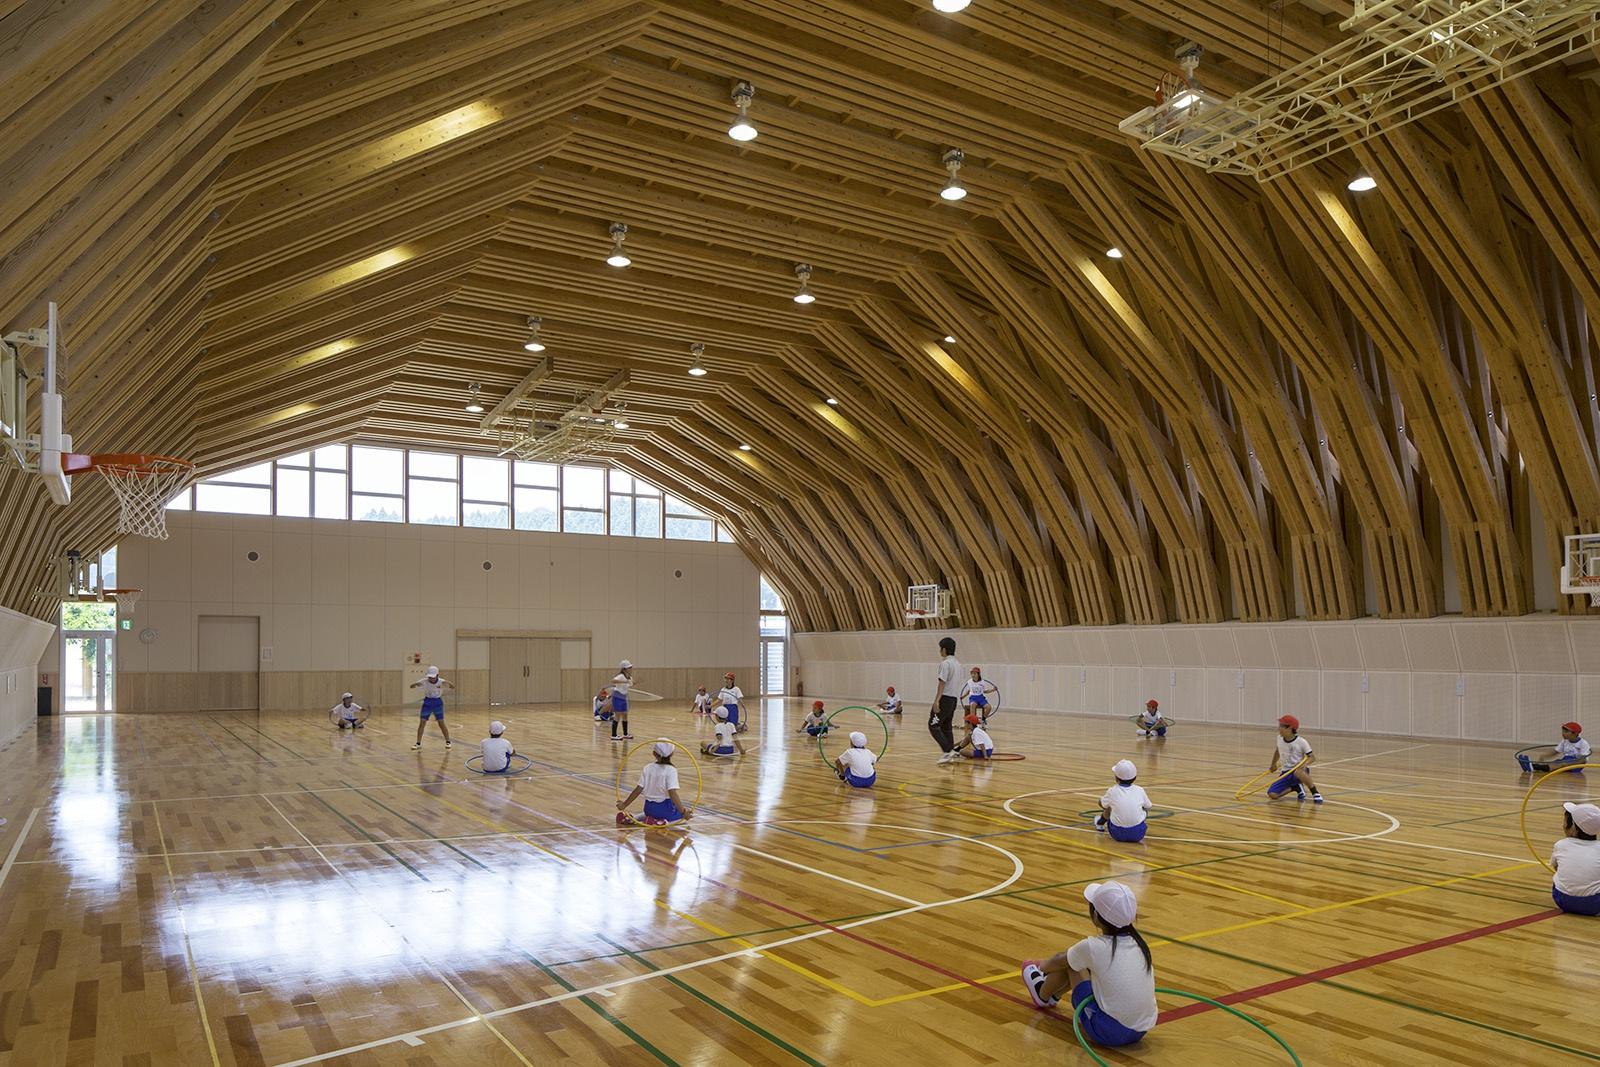 地元「アヤスギ」の束ね重ね材による体育館